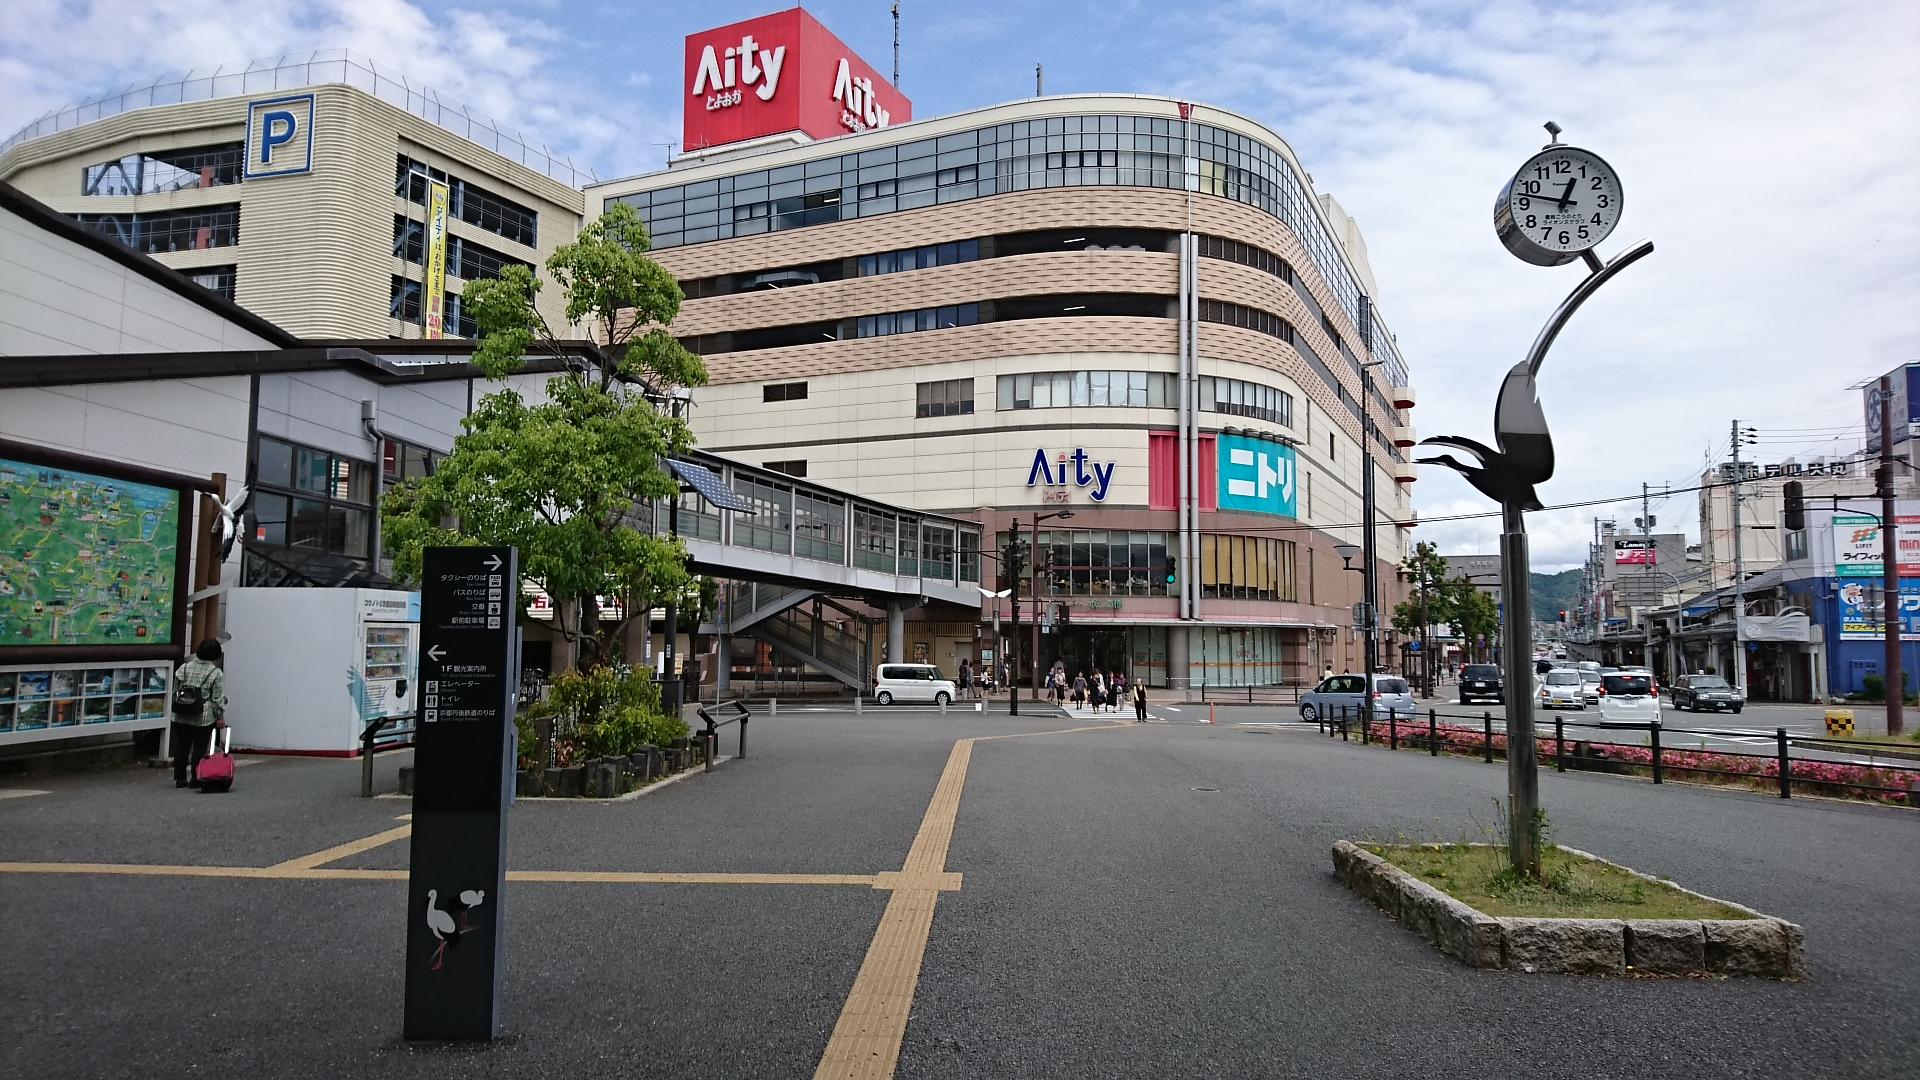 2017.6.3 豊岡 (75) アイティ 1920-1080